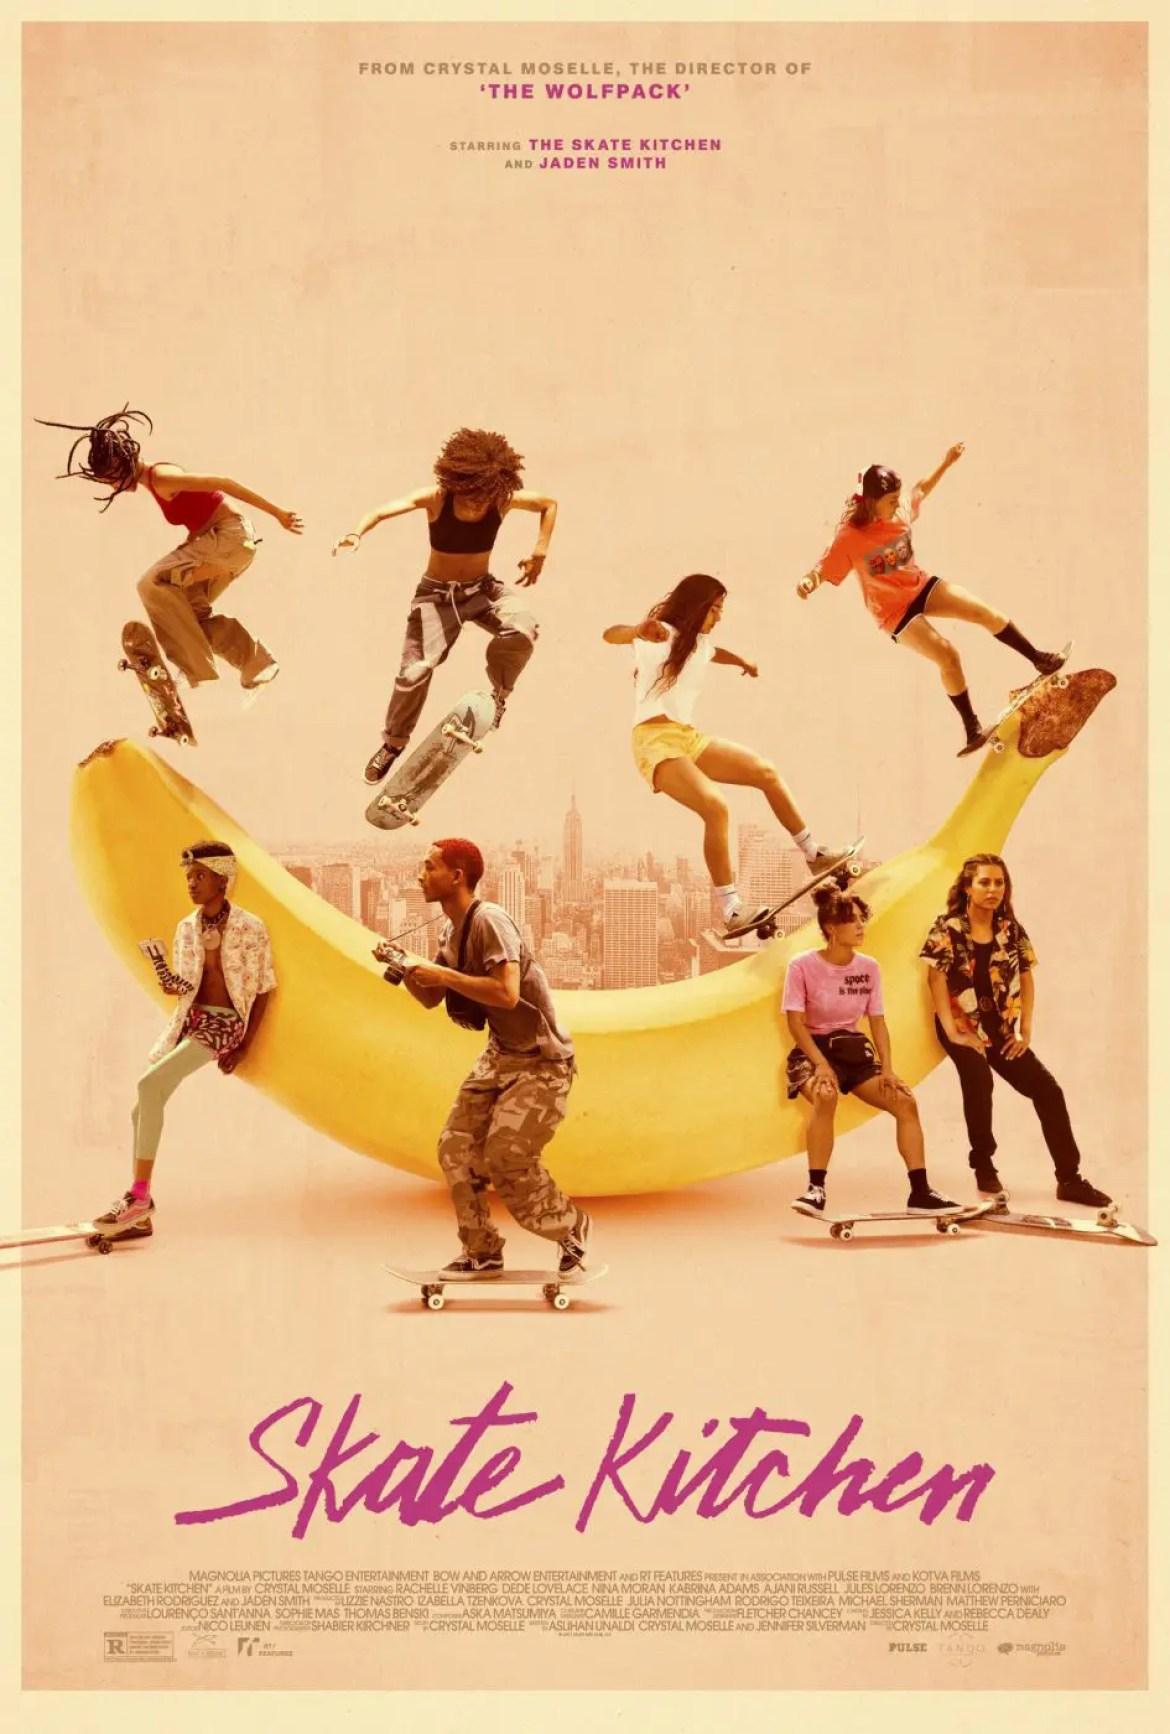 Skate Kitchen Film-01